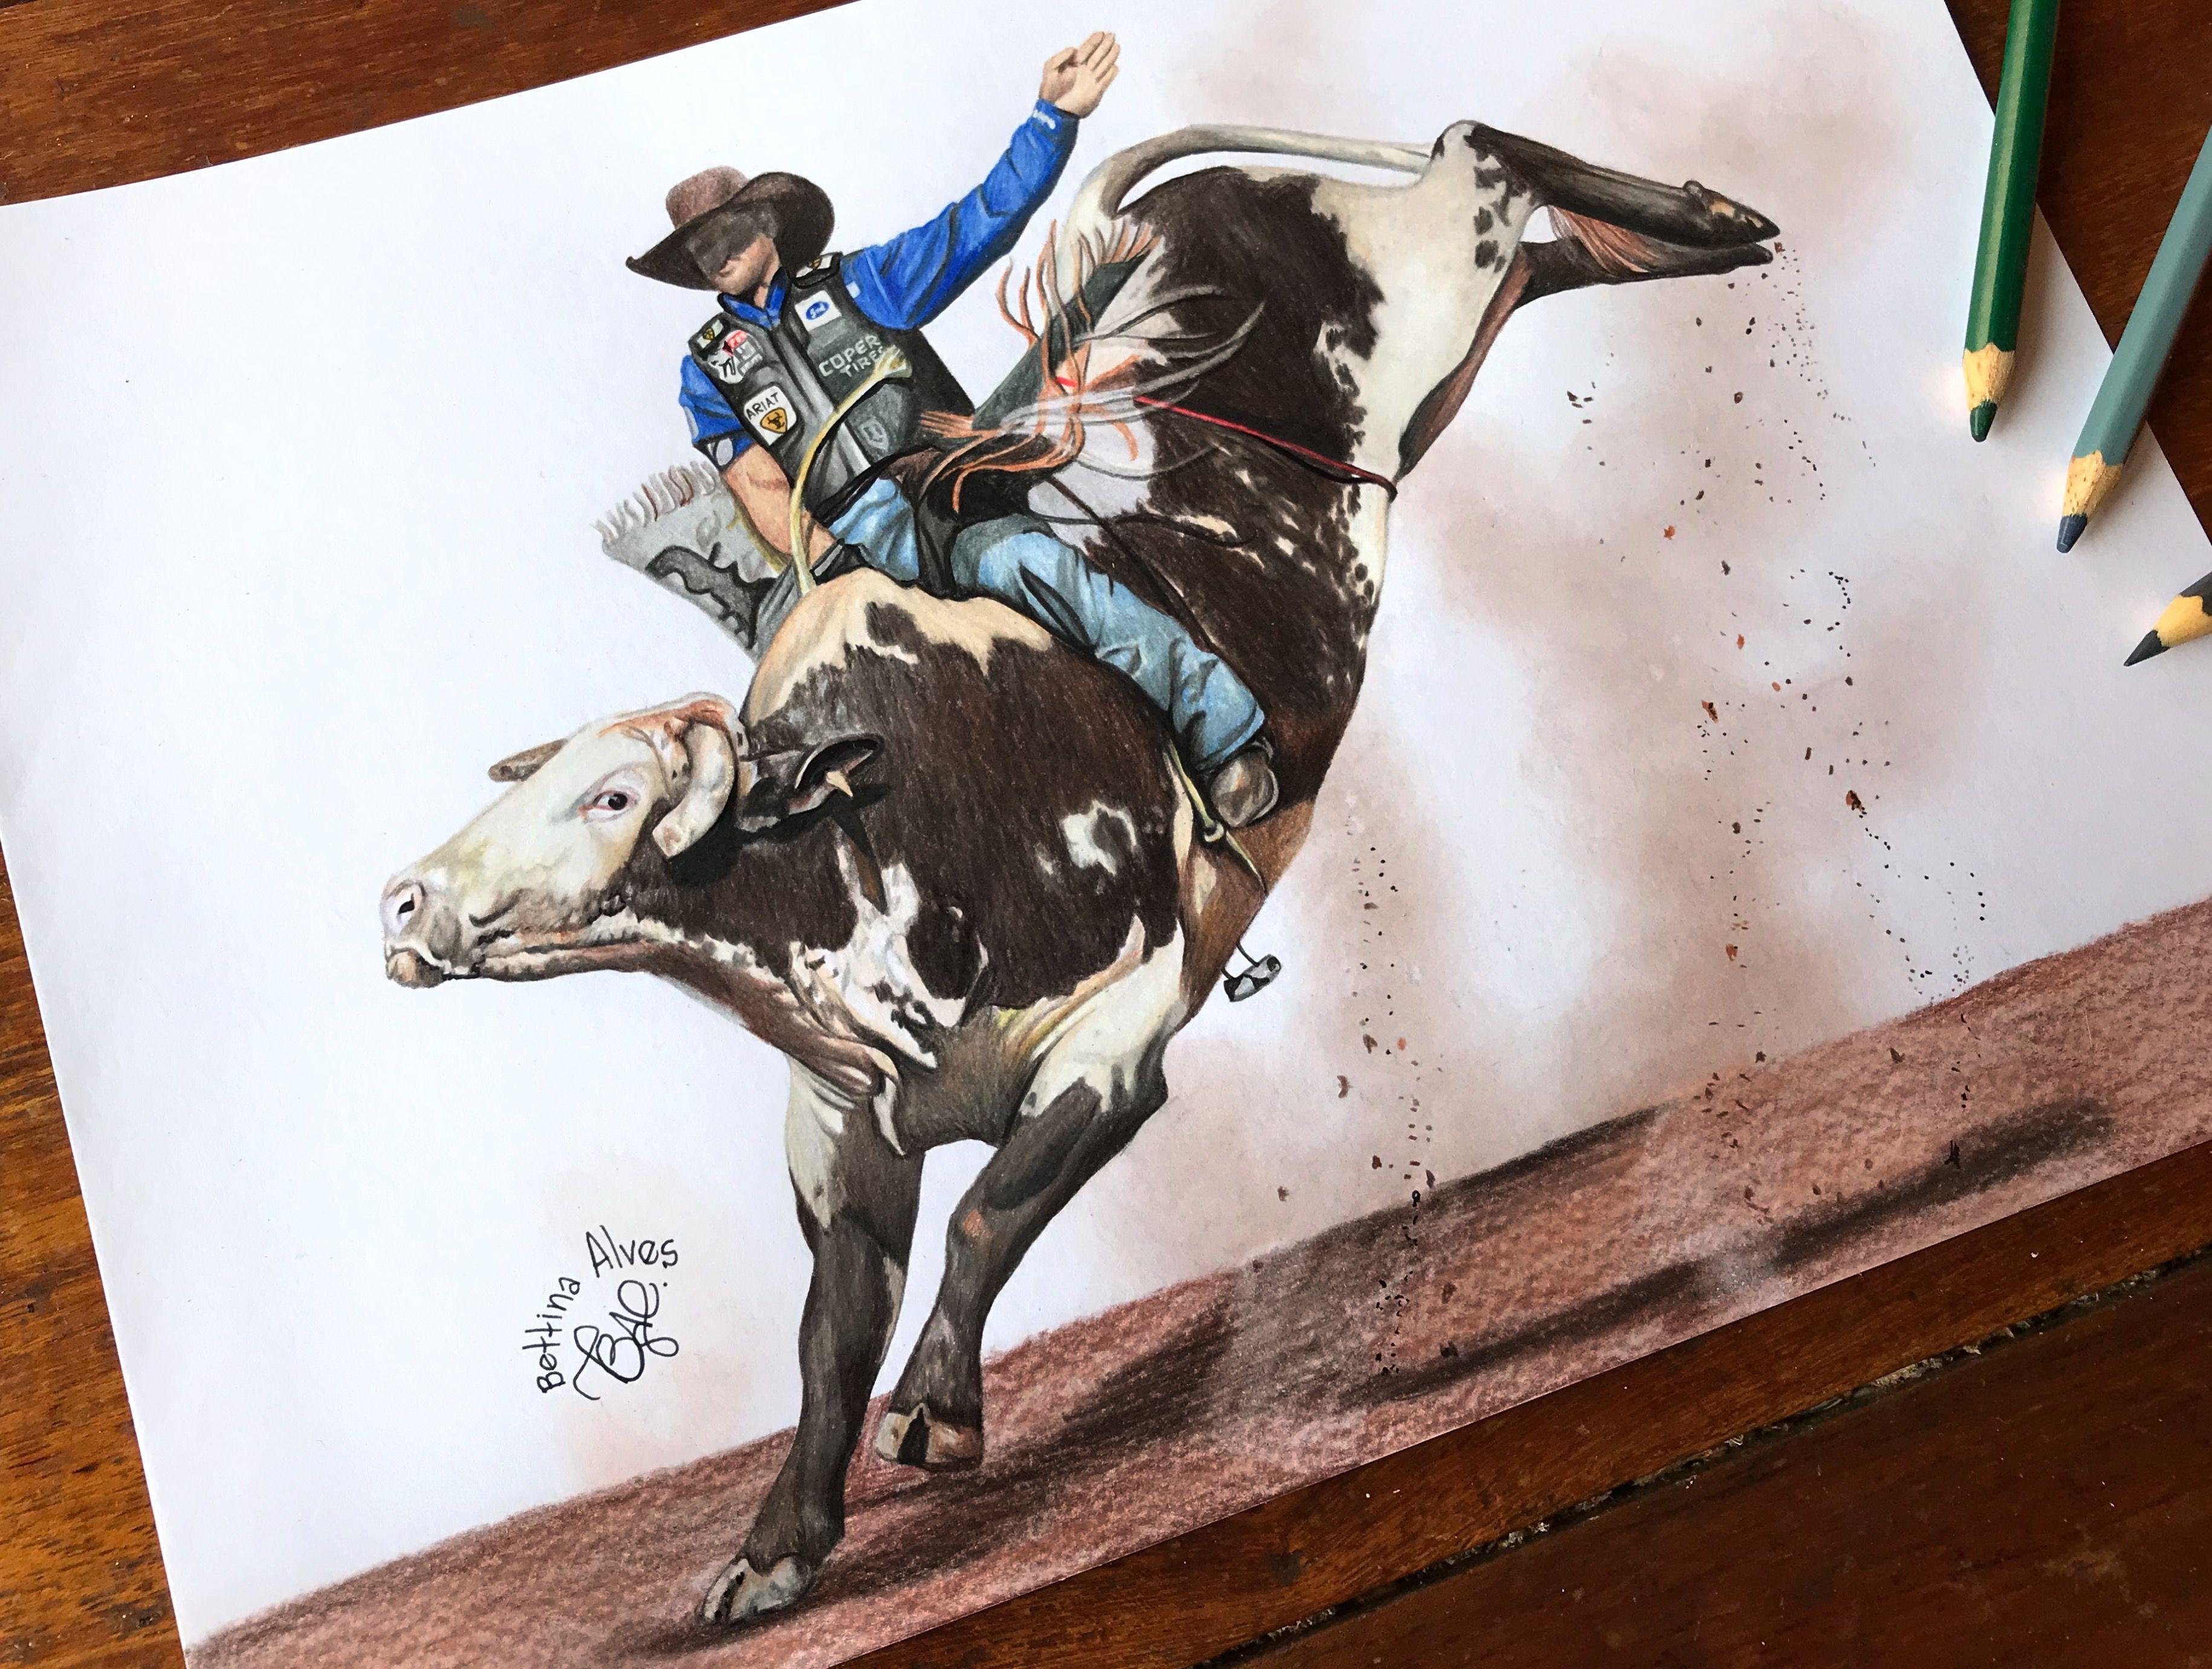 Desenho Rodeio Em Touro Eduardo Aparecido Bettina Alves Bull Rider